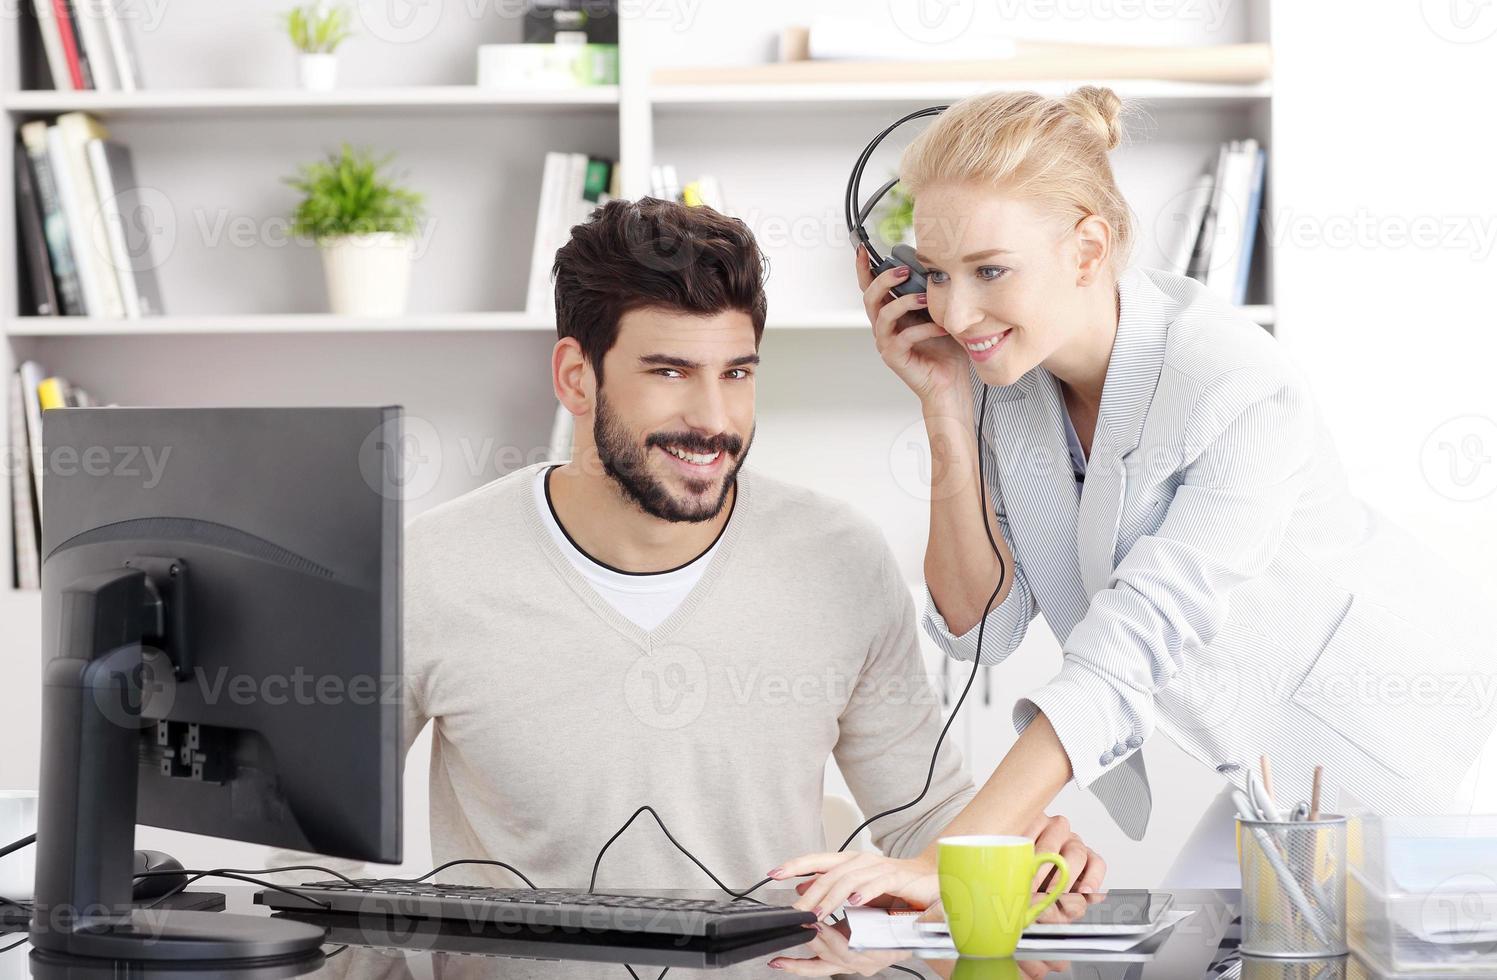 unga affärsmän som arbetar på kontoret foto